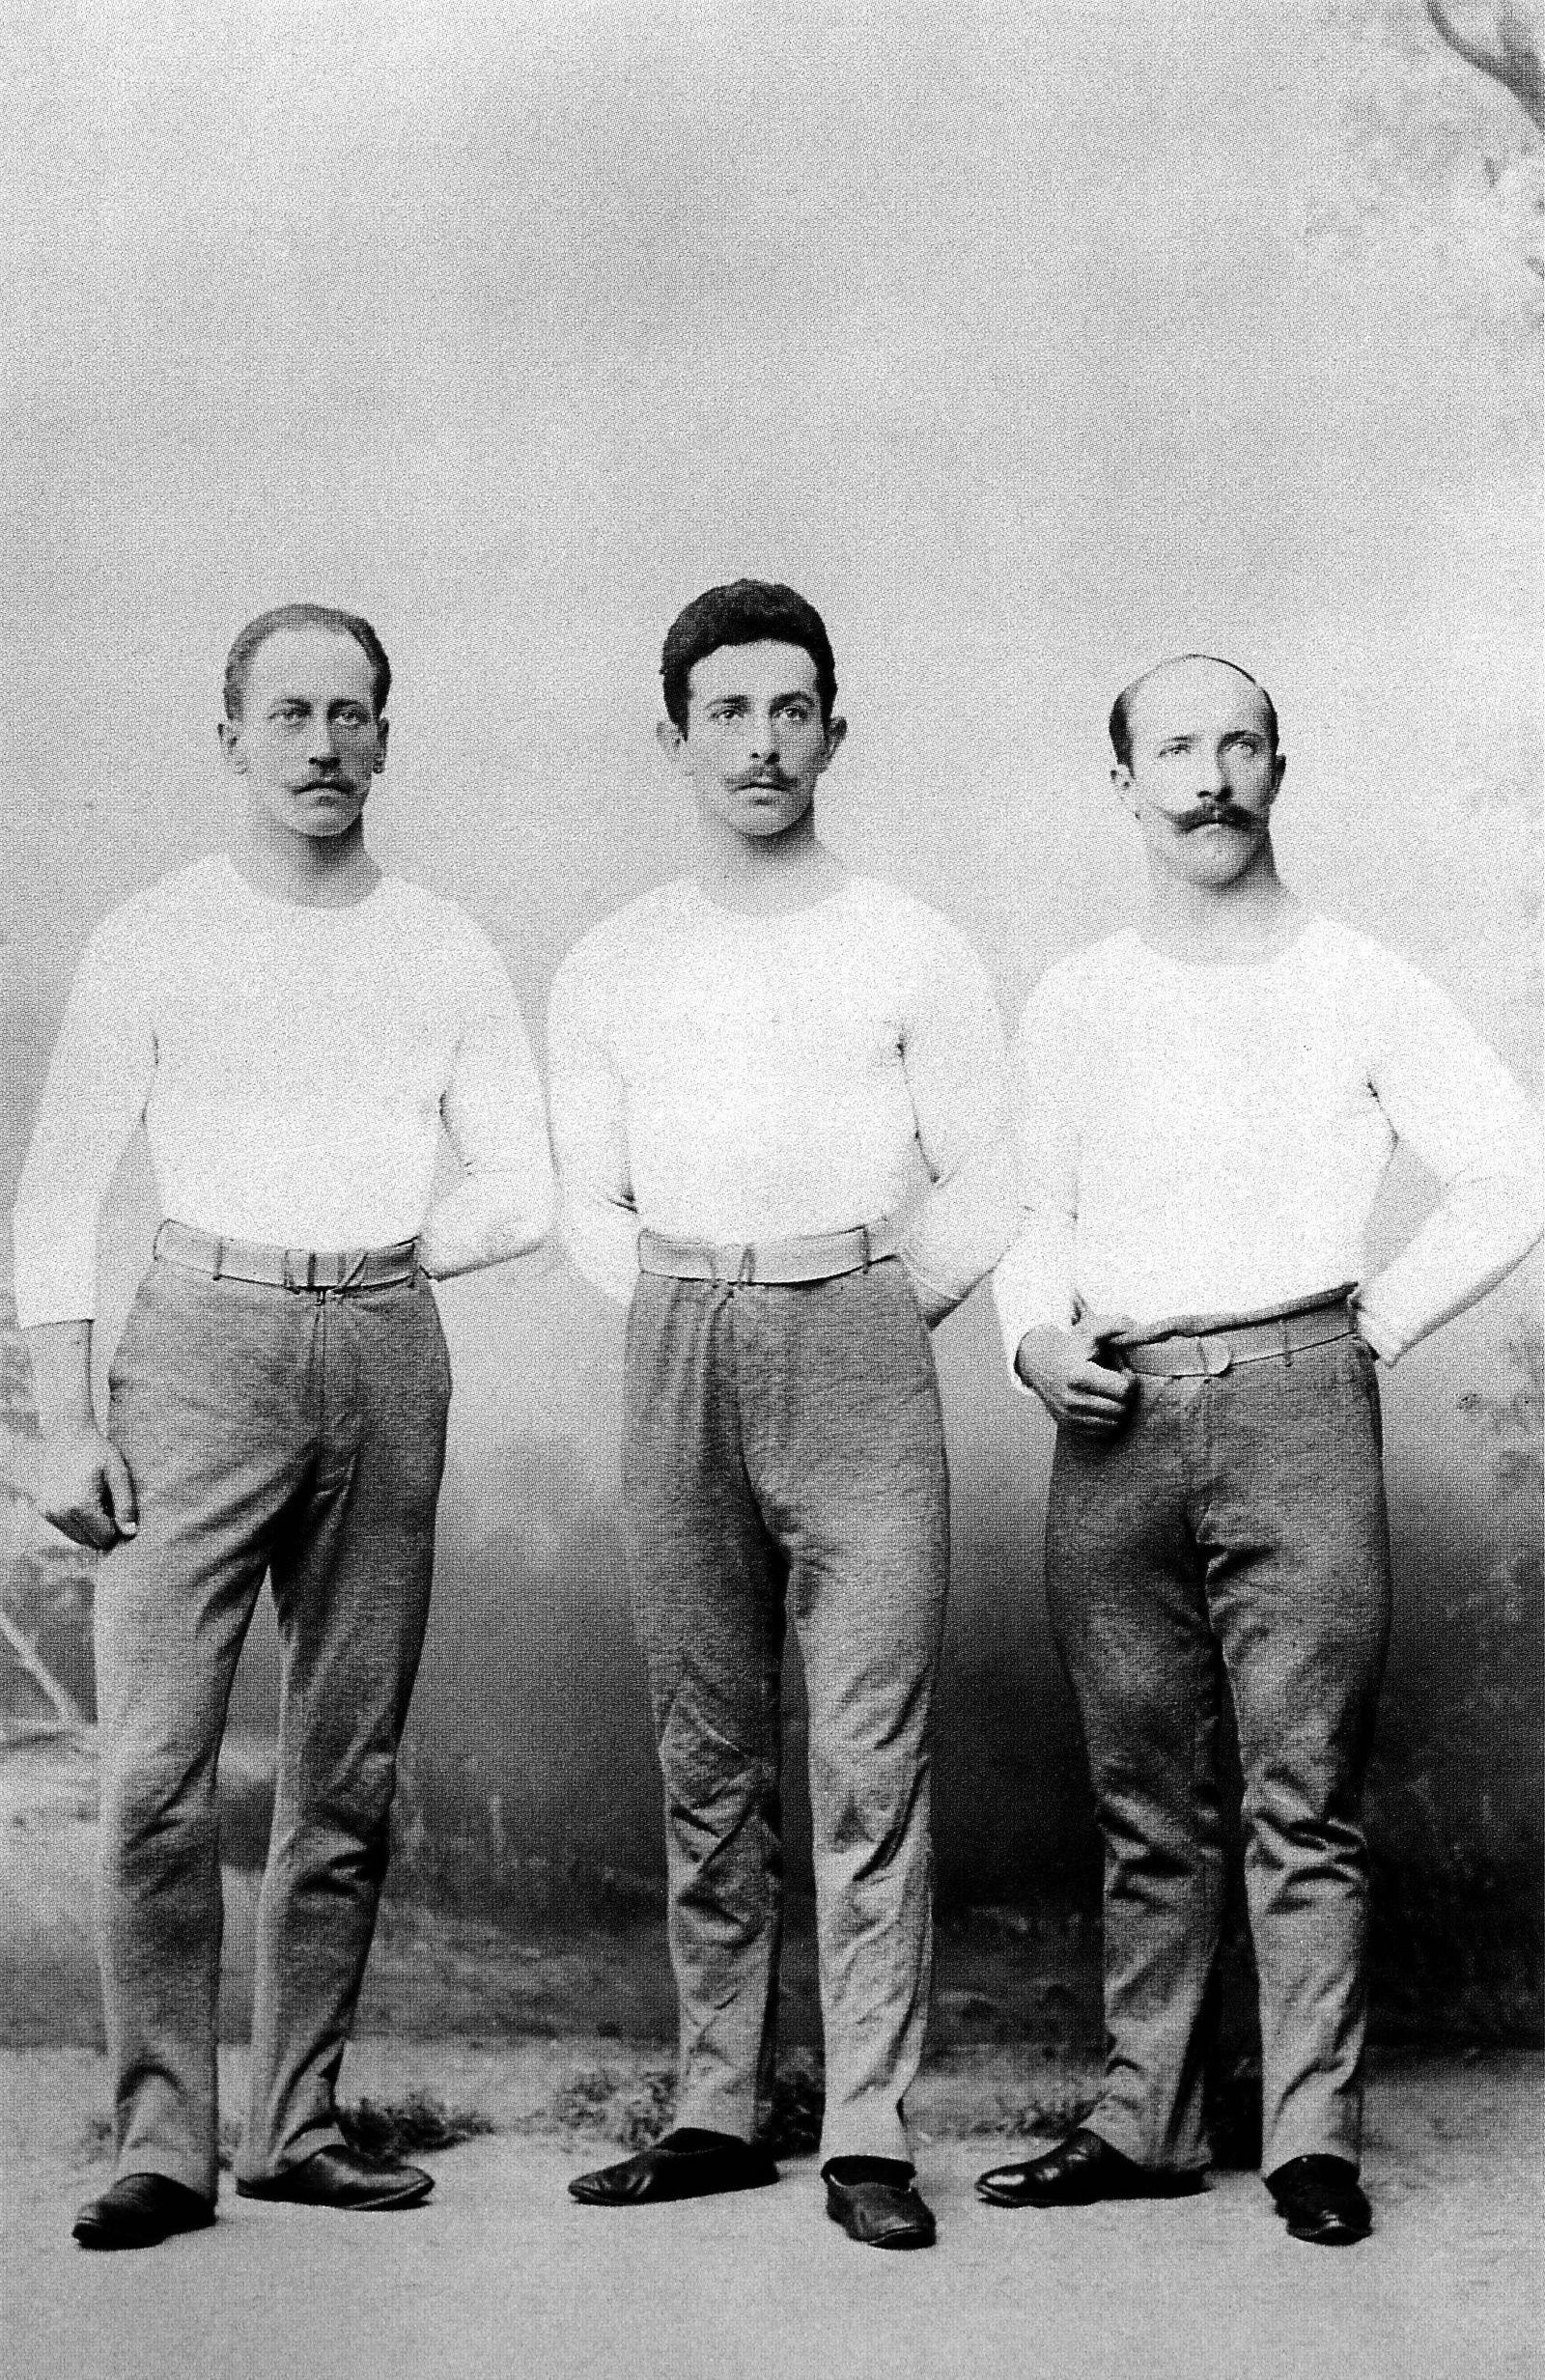 Olympische Spiele Athen 1896: Die deutschen Olympiasieger der Turndisziplinen v.li.: Hermann Weingärtner, Alfred Flatow